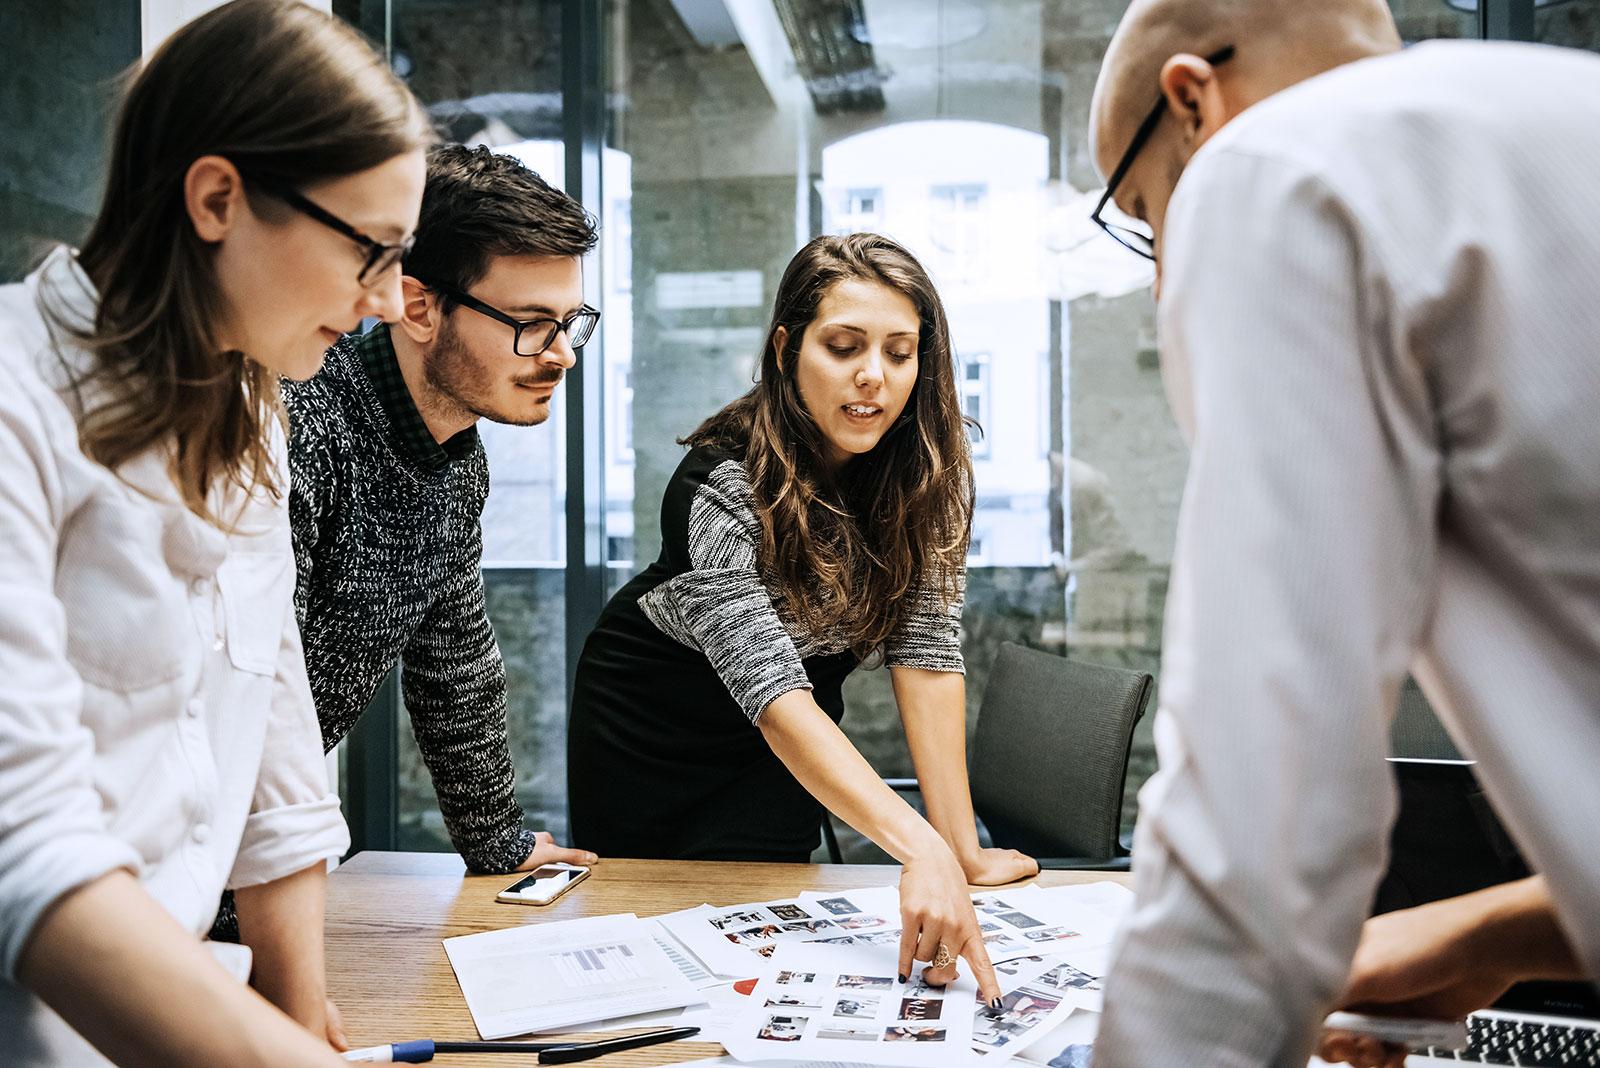 Ein Team von Mitarbeitern tauscht sich am Konferenztisch über Ideen aus: Teamwork so, wie es bisher war – aber durch die Digitalisierung in vielen Bereichen nicht mehr lange sein wird.